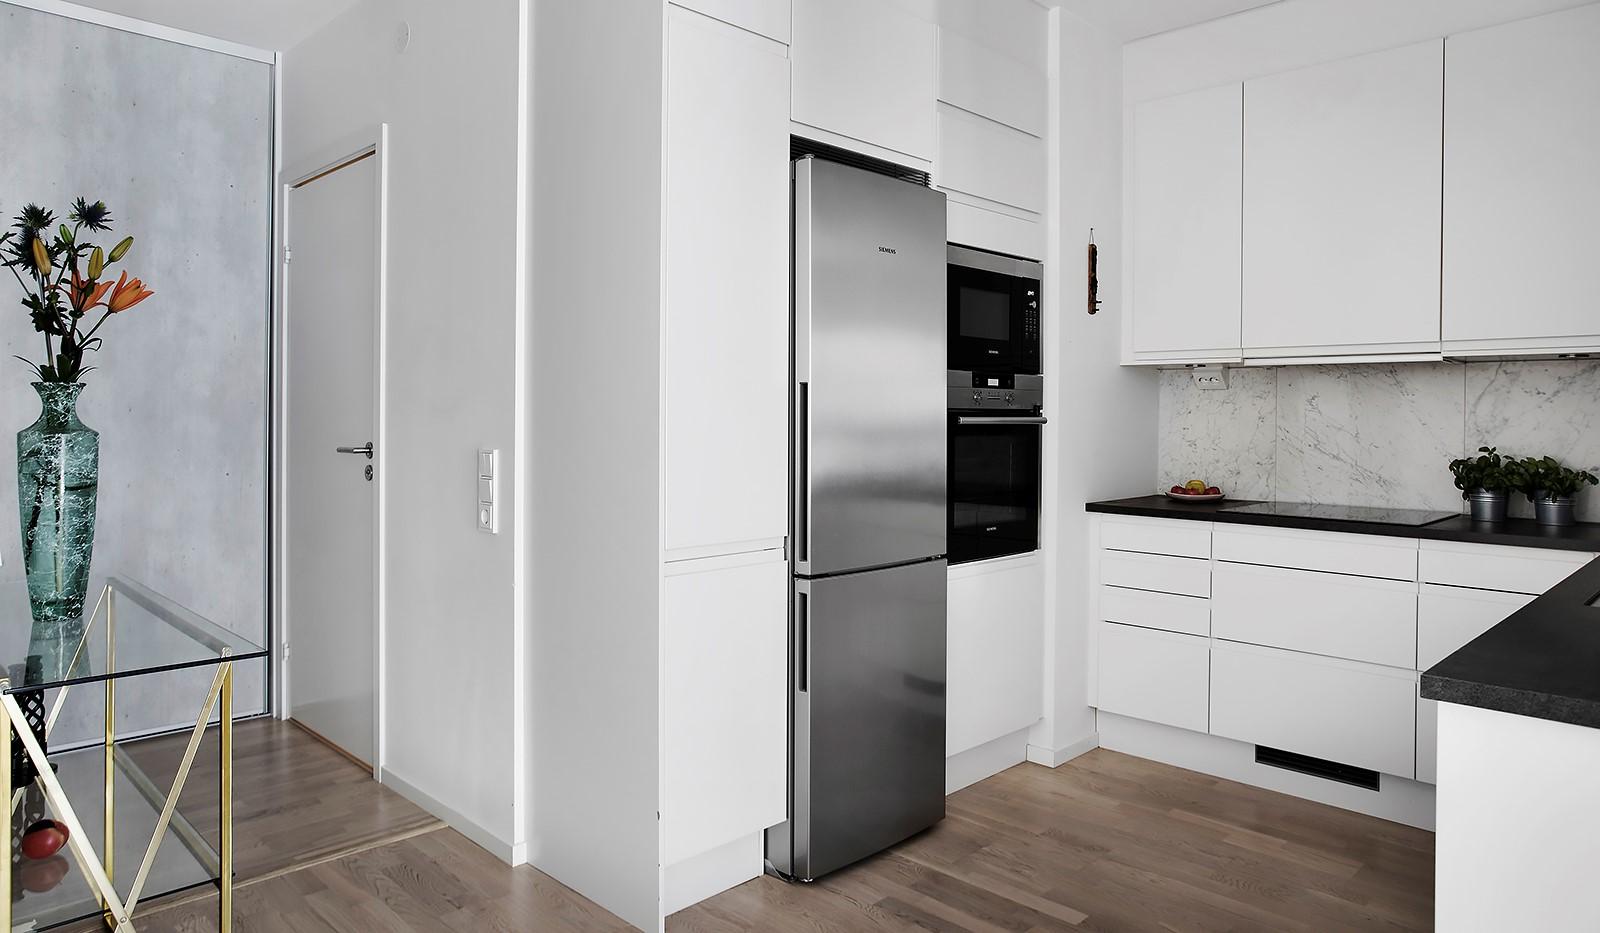 Fredriksdalsgatan 24, vån 2 - Köket är fullt utrustat med rostfria vitvaror från Siemens